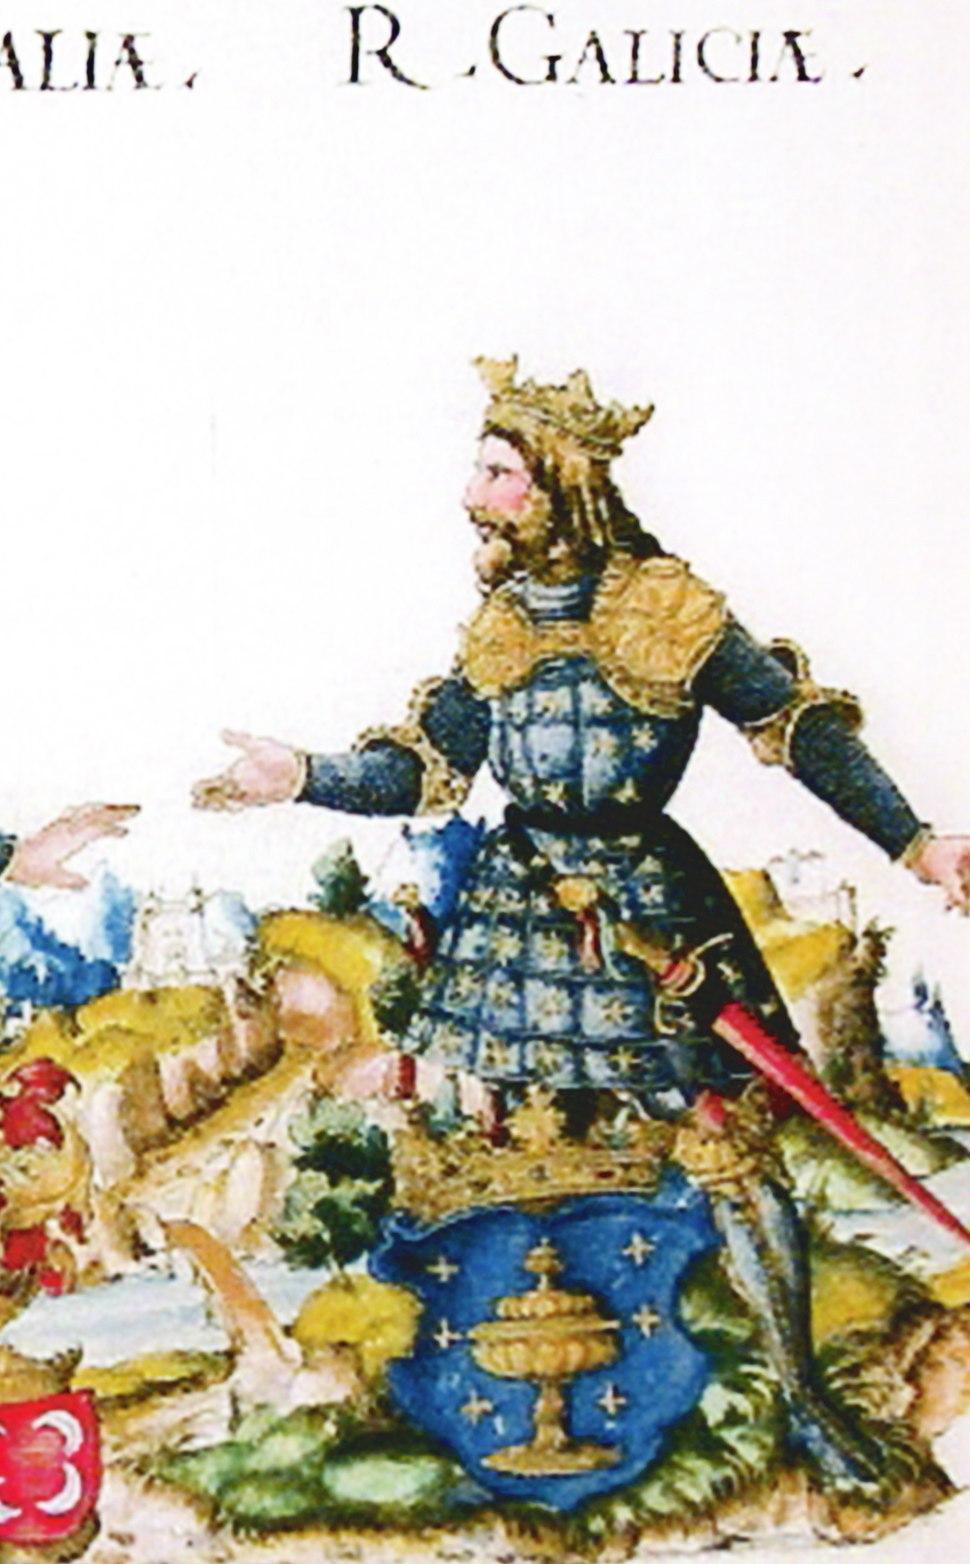 Reino de Galicia - Kingdom of Galicia - CarolumV